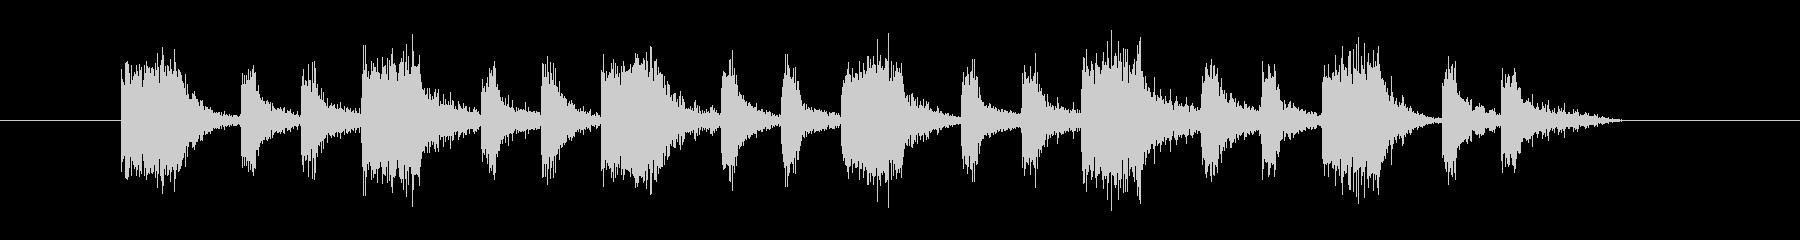 ゲーム/火や電気がパチパチするような音の未再生の波形